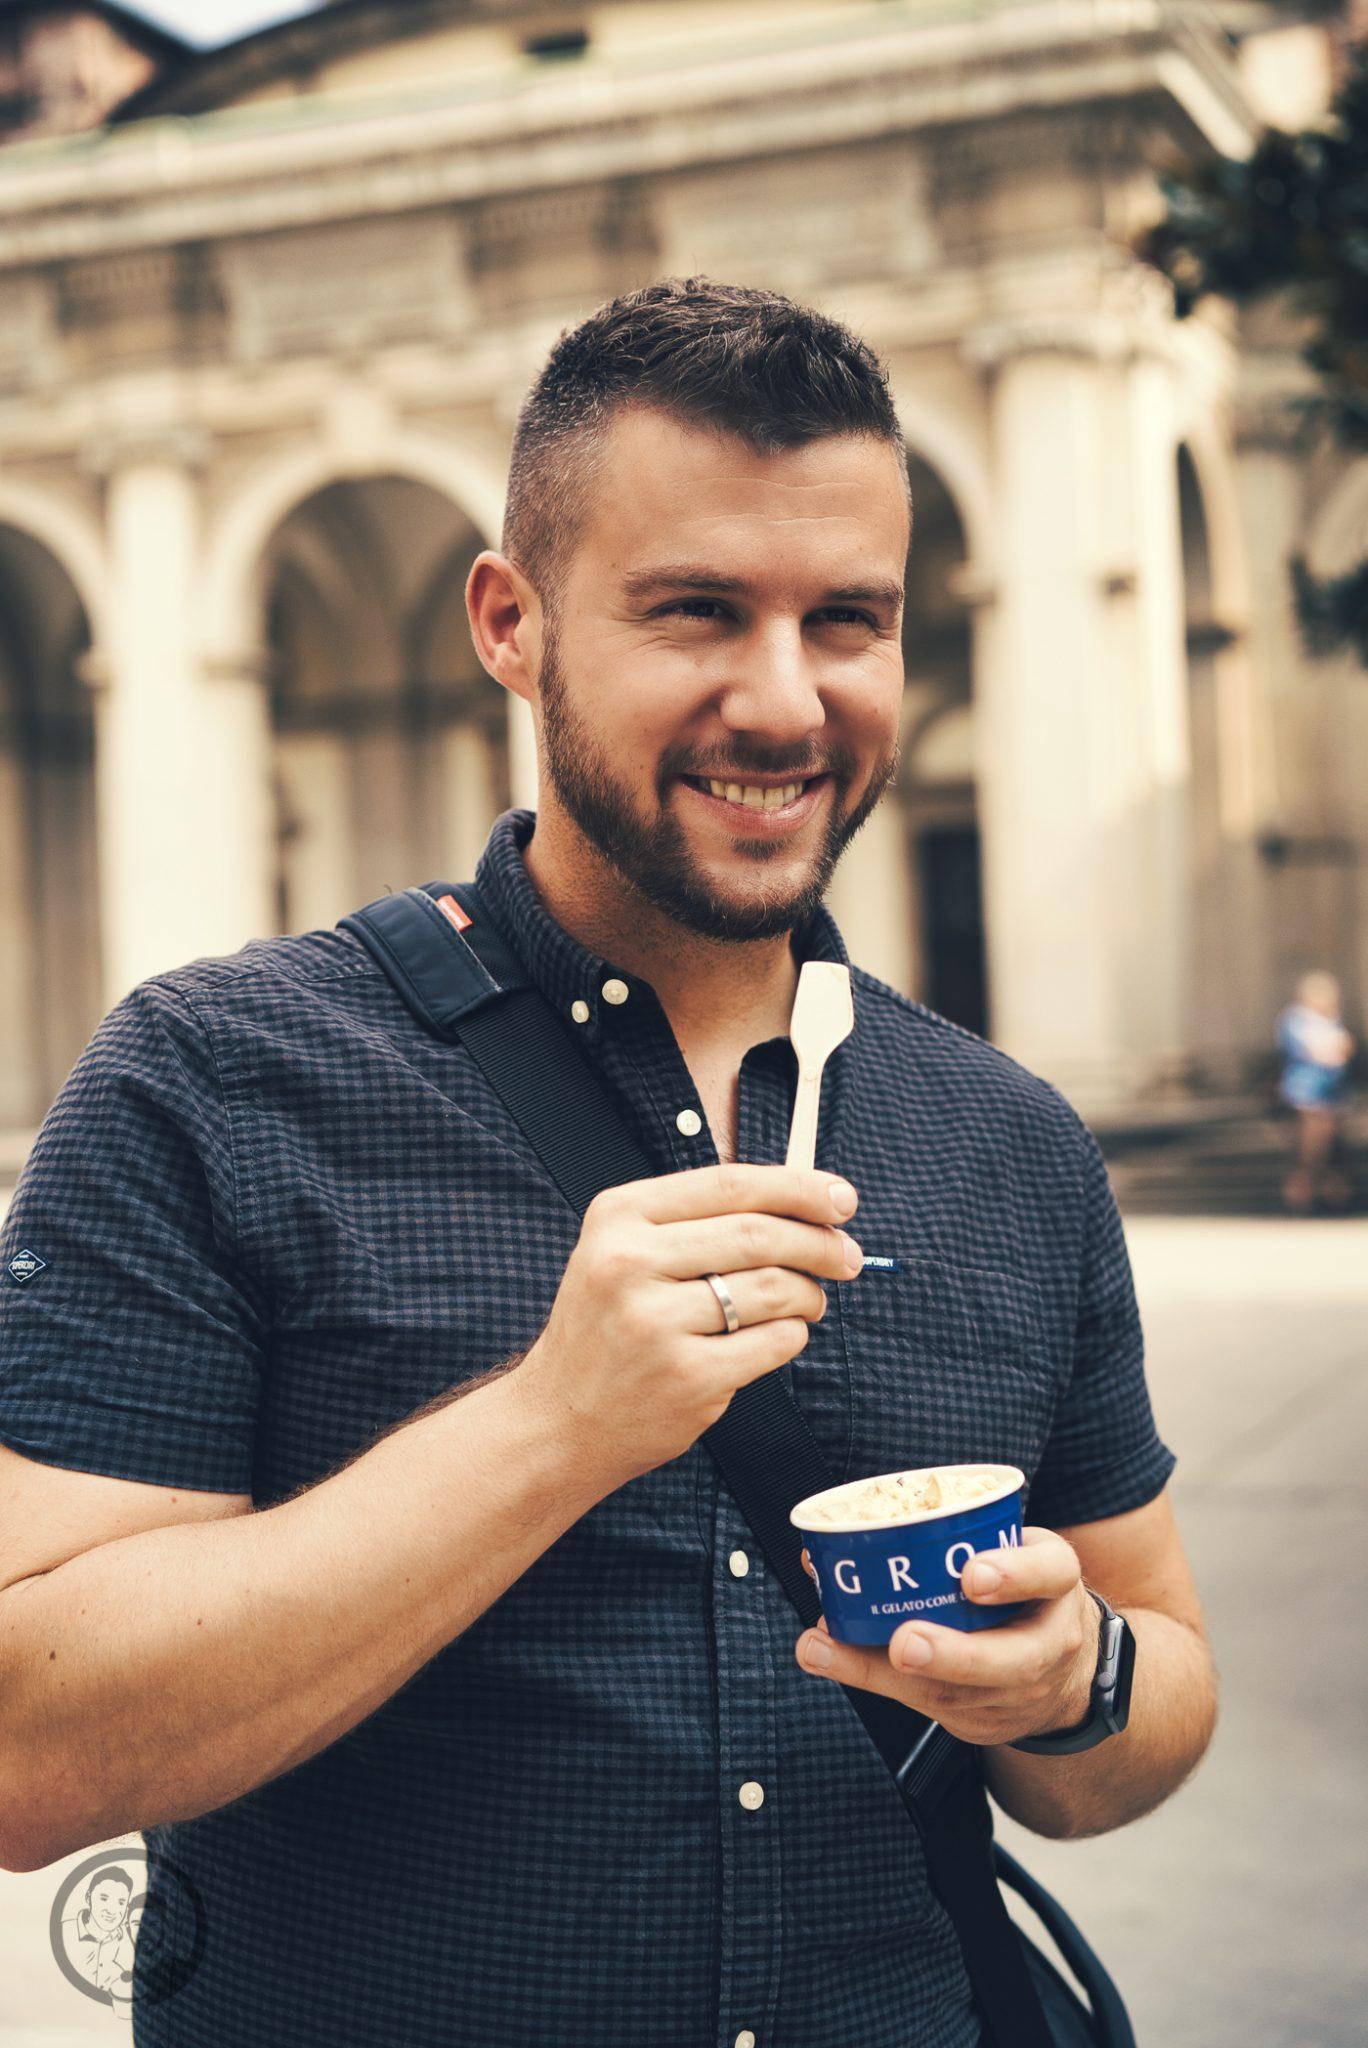 natural mailand aperitivo 8 | Vielleicht könnt ihr euch noch daran erinnern, dass wir uns vor ein paar Wochen mit einem neuen Rezept aus Mailand gemeldet haben. Denn genau dort dürften wir zwei schöne Tage verbringen. Die Stadt ist nicht nur für Mode sondern auch für eine tolle Food-Szene bekannt. Warum wir in Mailand waren und was unser neues Rezept für einen Pflaumen-Vermouth-Spritz damit zu tun hat und warum Naturals Chips der perfekte Begleiter dazu sind - das wollen wir euch heute zeigen.